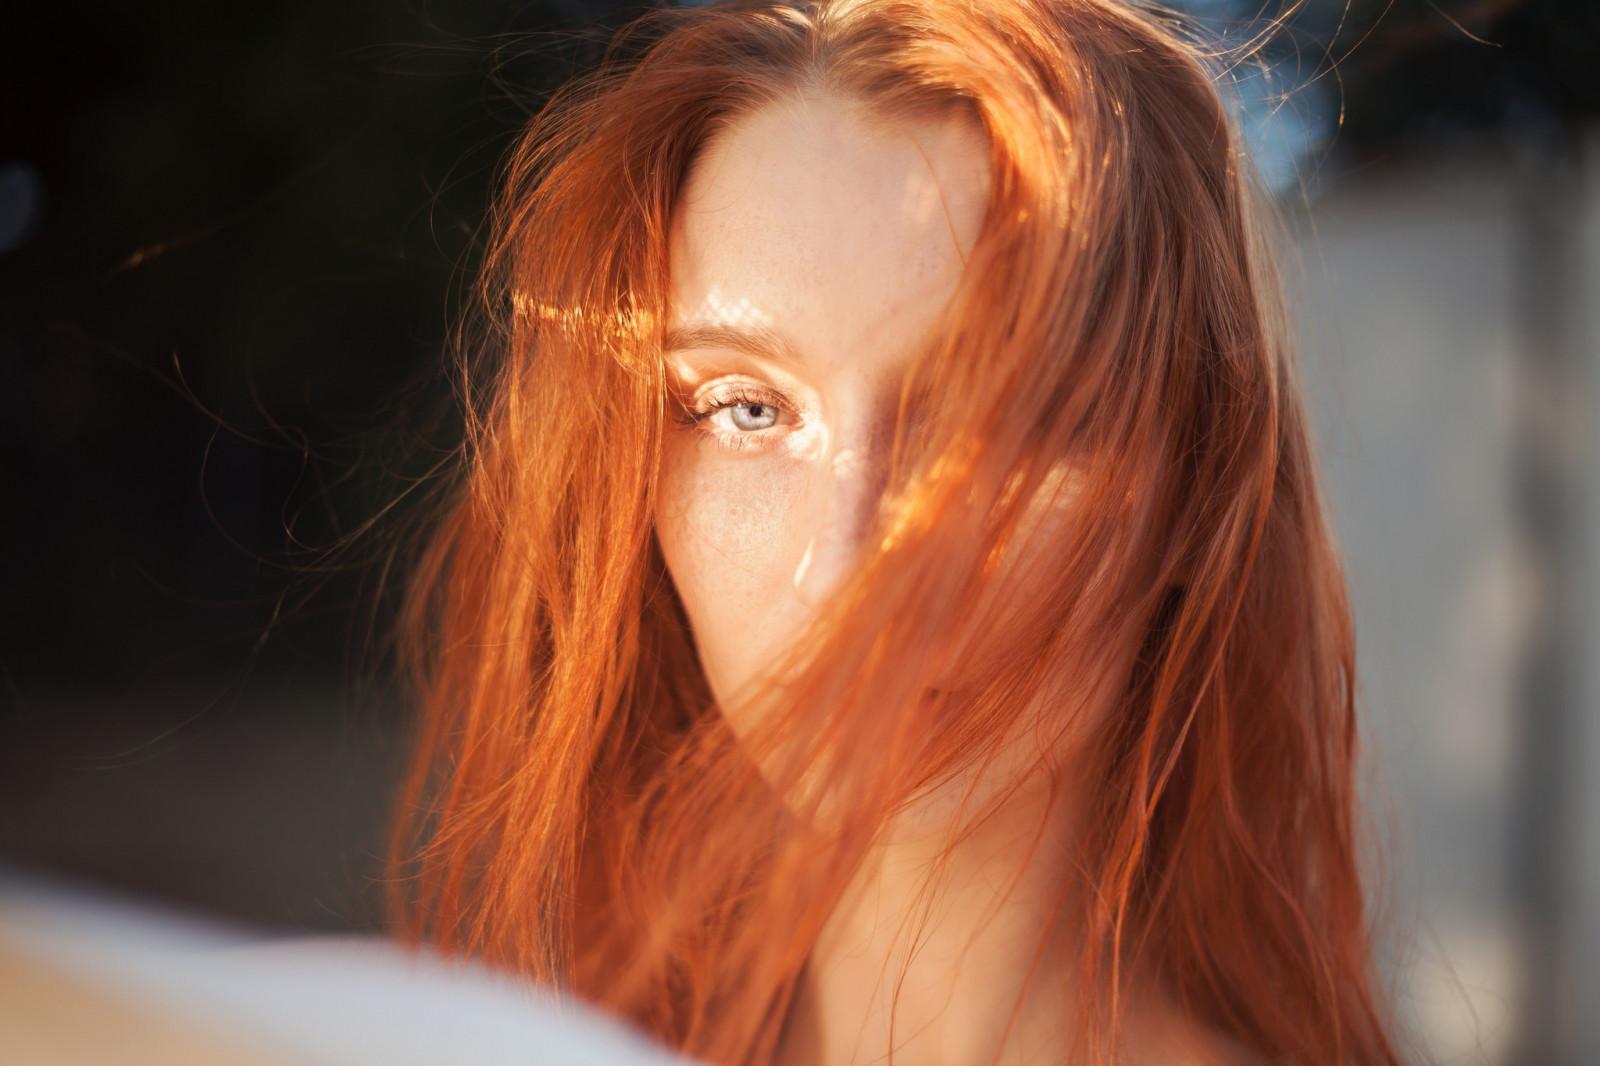 самое про красивые бледно рыжие девушки профессиональные фотки них голые девушки